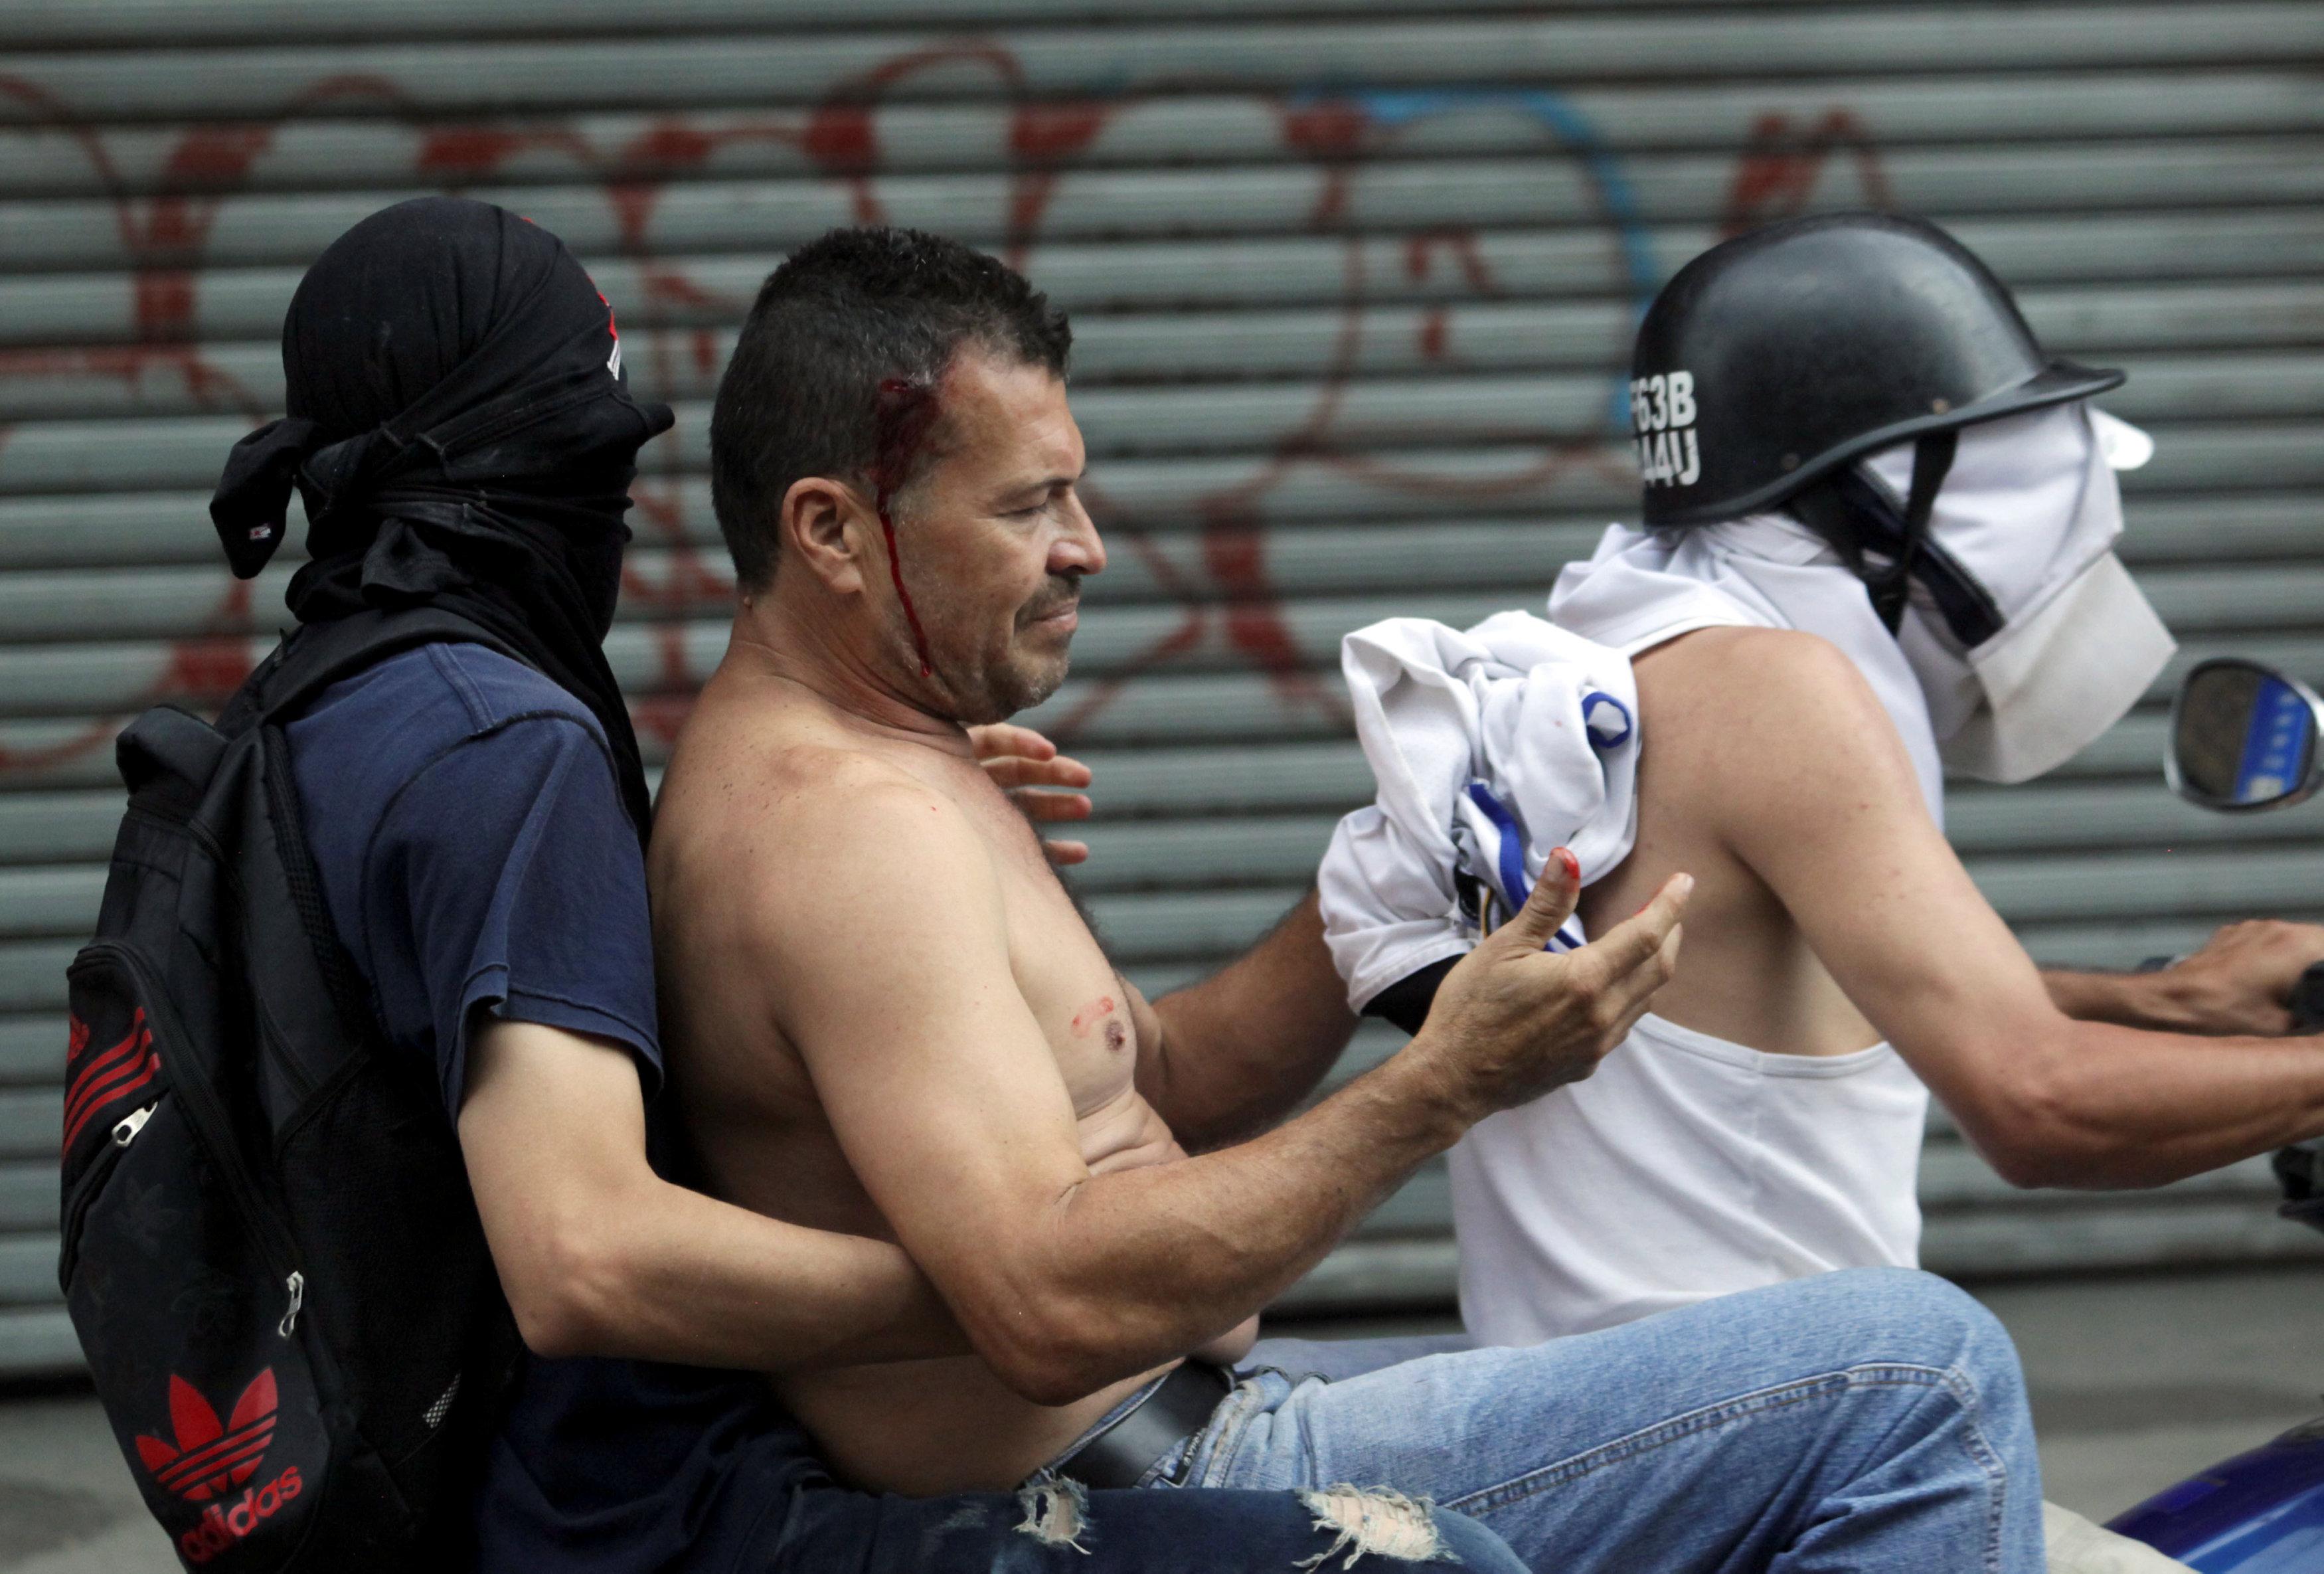 Un hombre herido por las fuerzas chavistas es asistido por compañeros en el Tachira, Venezuela. (REUTERS/Carlos Eduardo Ramirez)